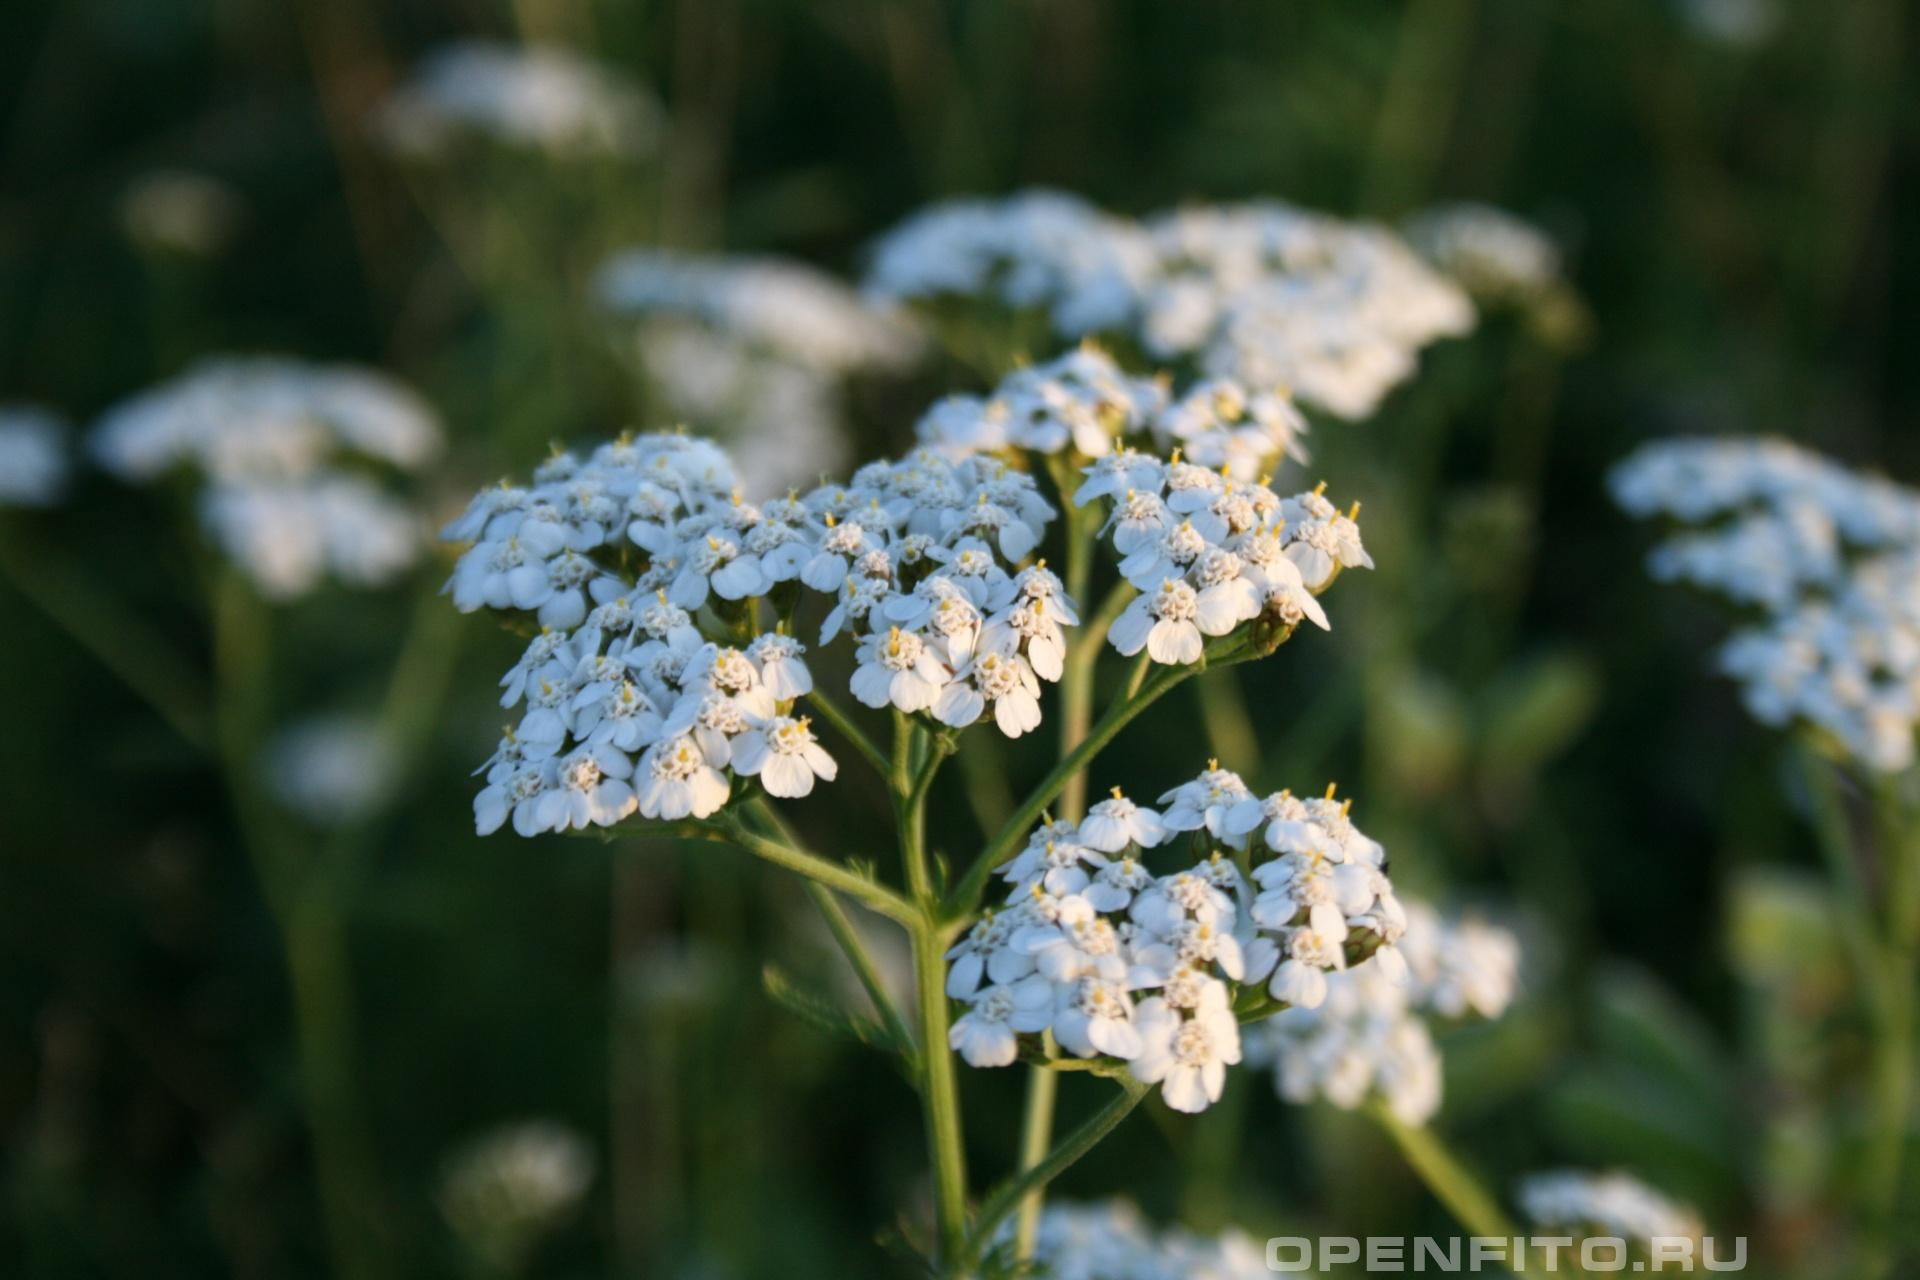 Тысячелистник обыкновенный <p>Во время цветения</p>